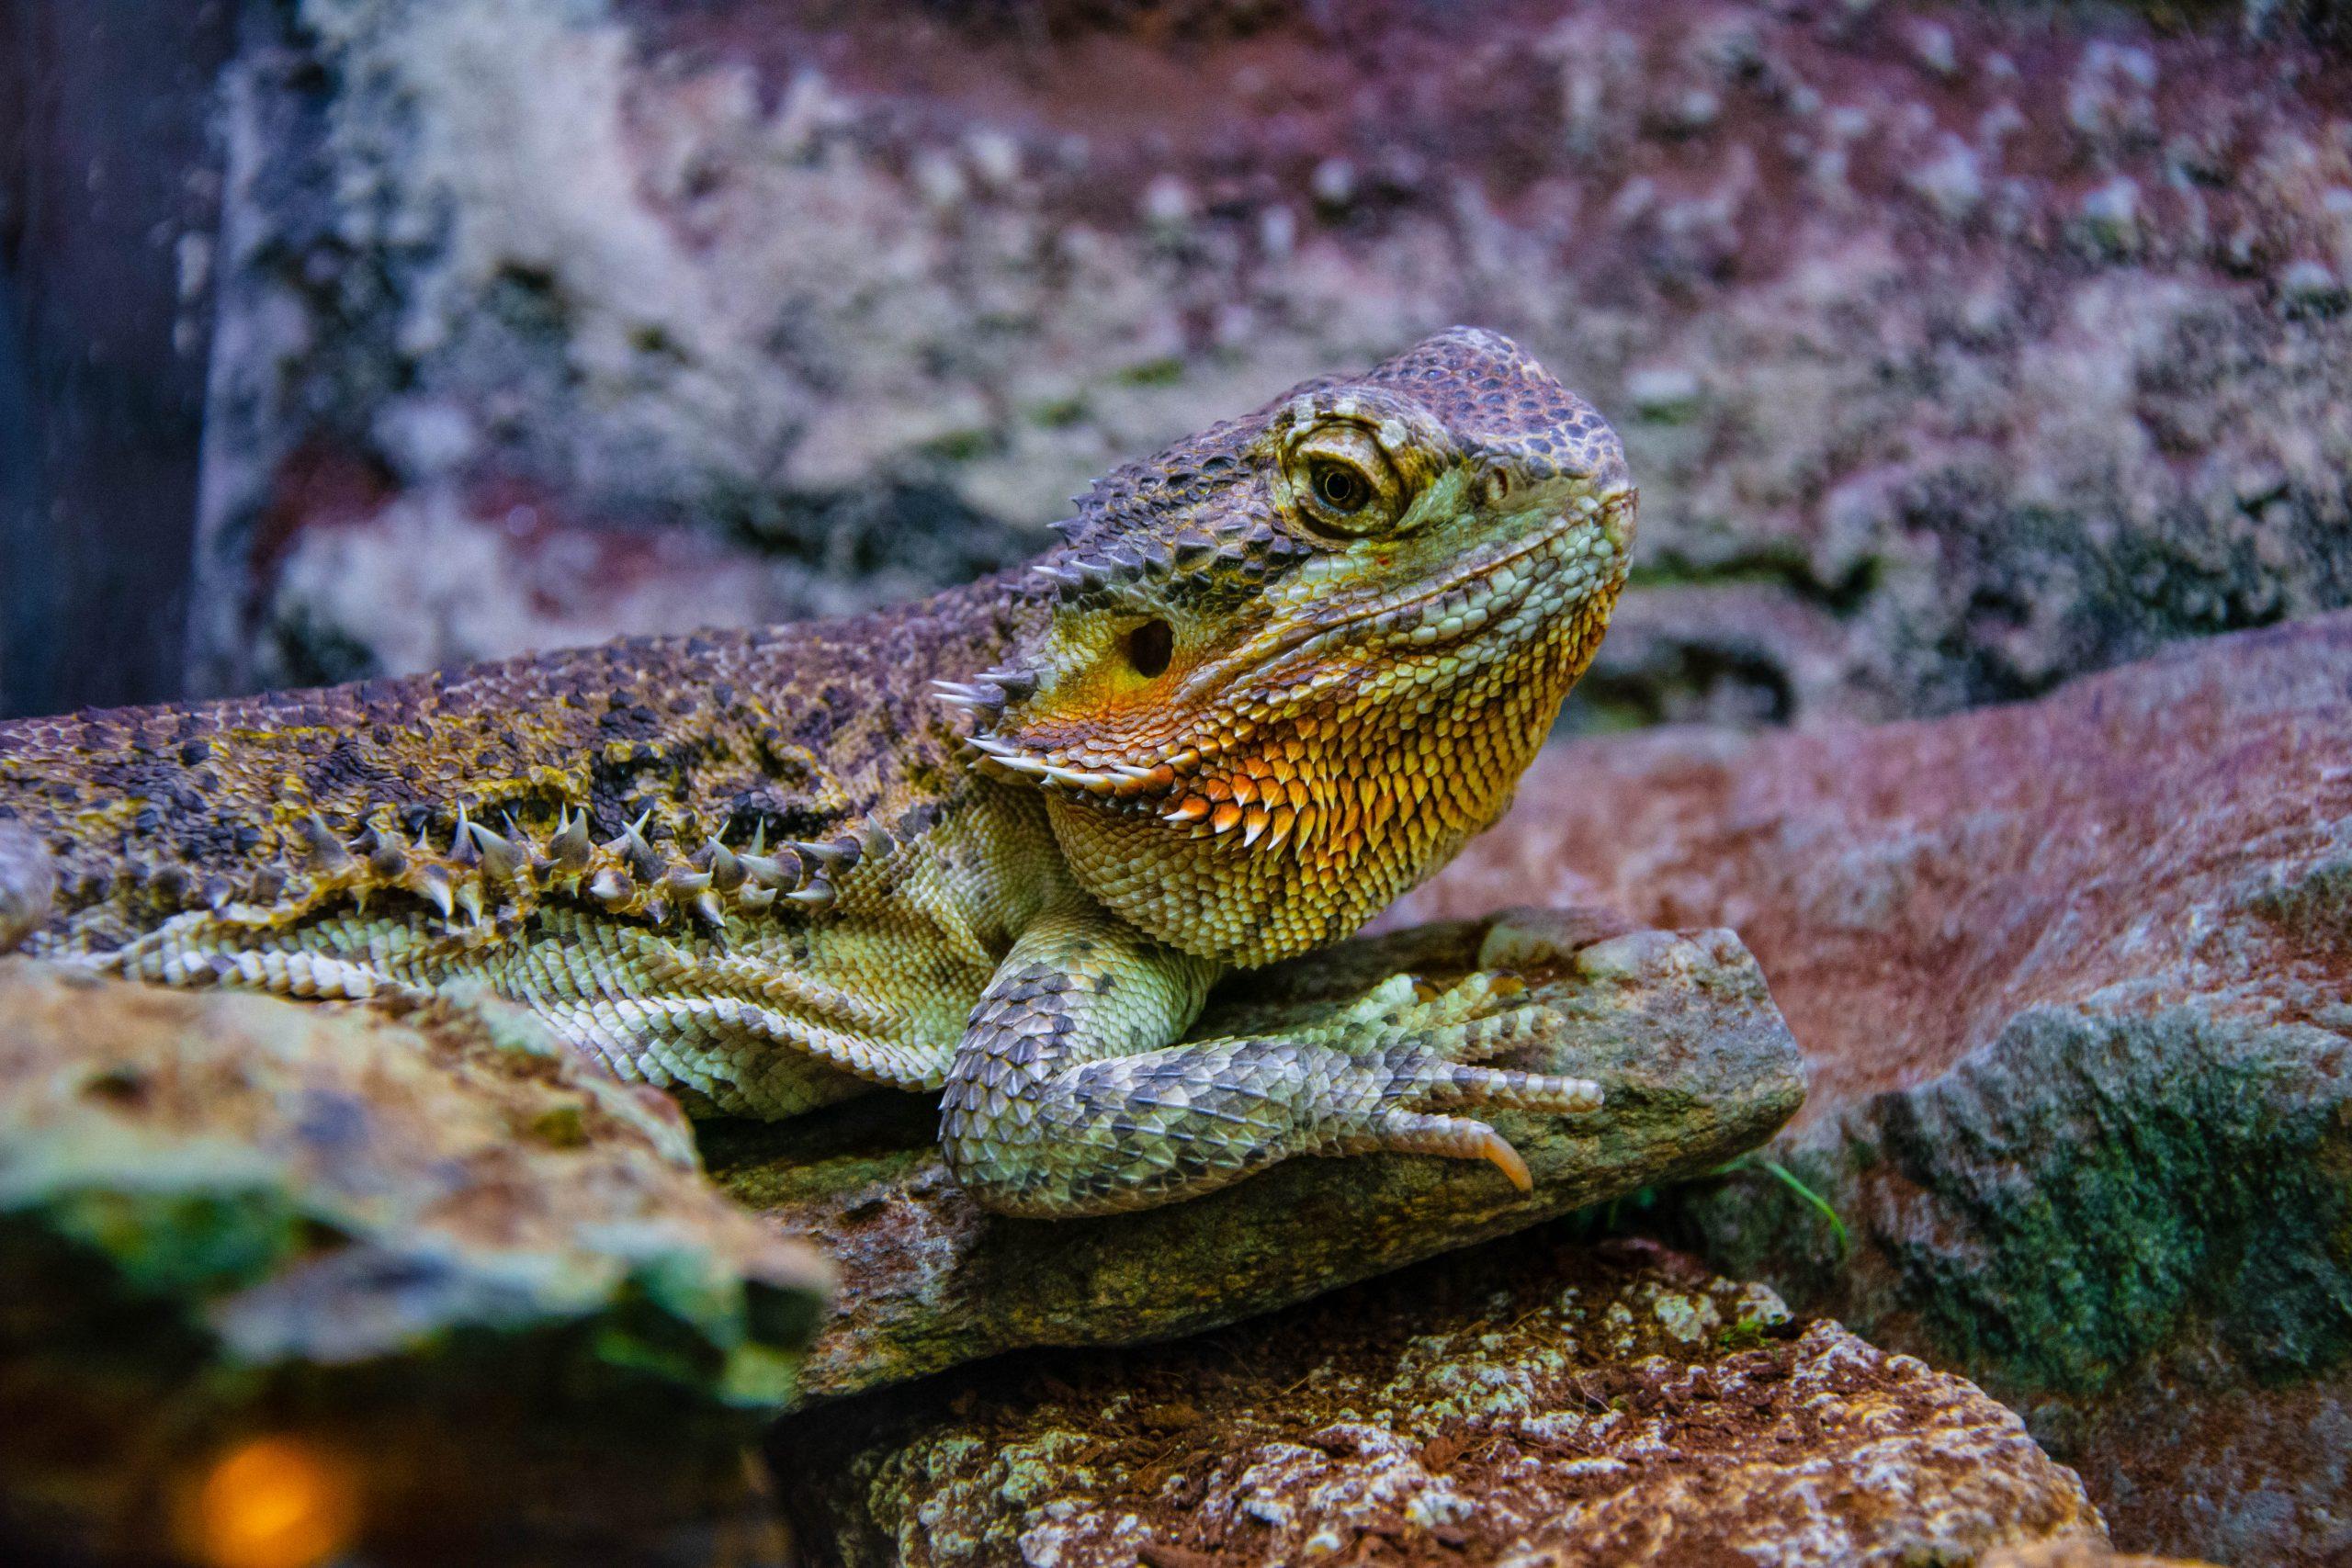 U Javnom akvarijumu: Mesto gde su životinje uvek na prvom mestu (FOTO) 12